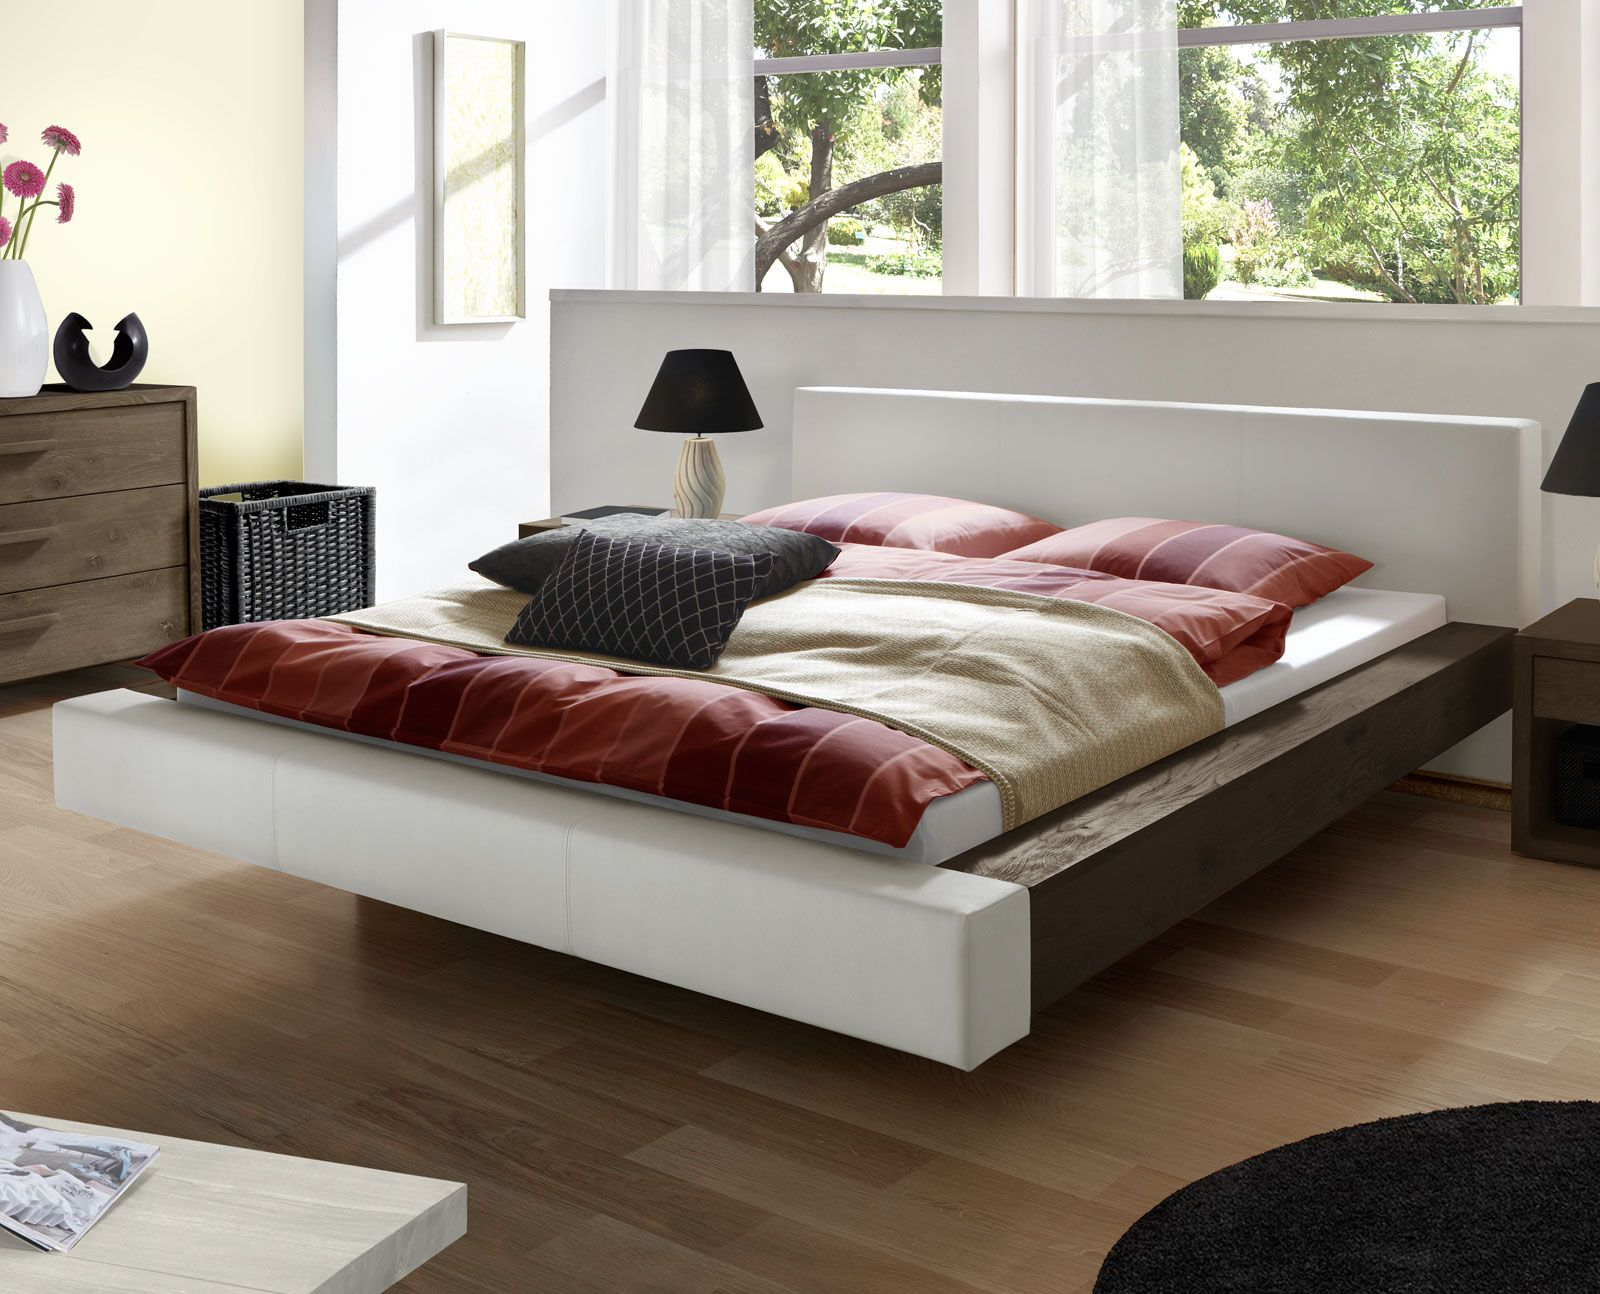 Bett Vilar Schlafzimmer Sofa